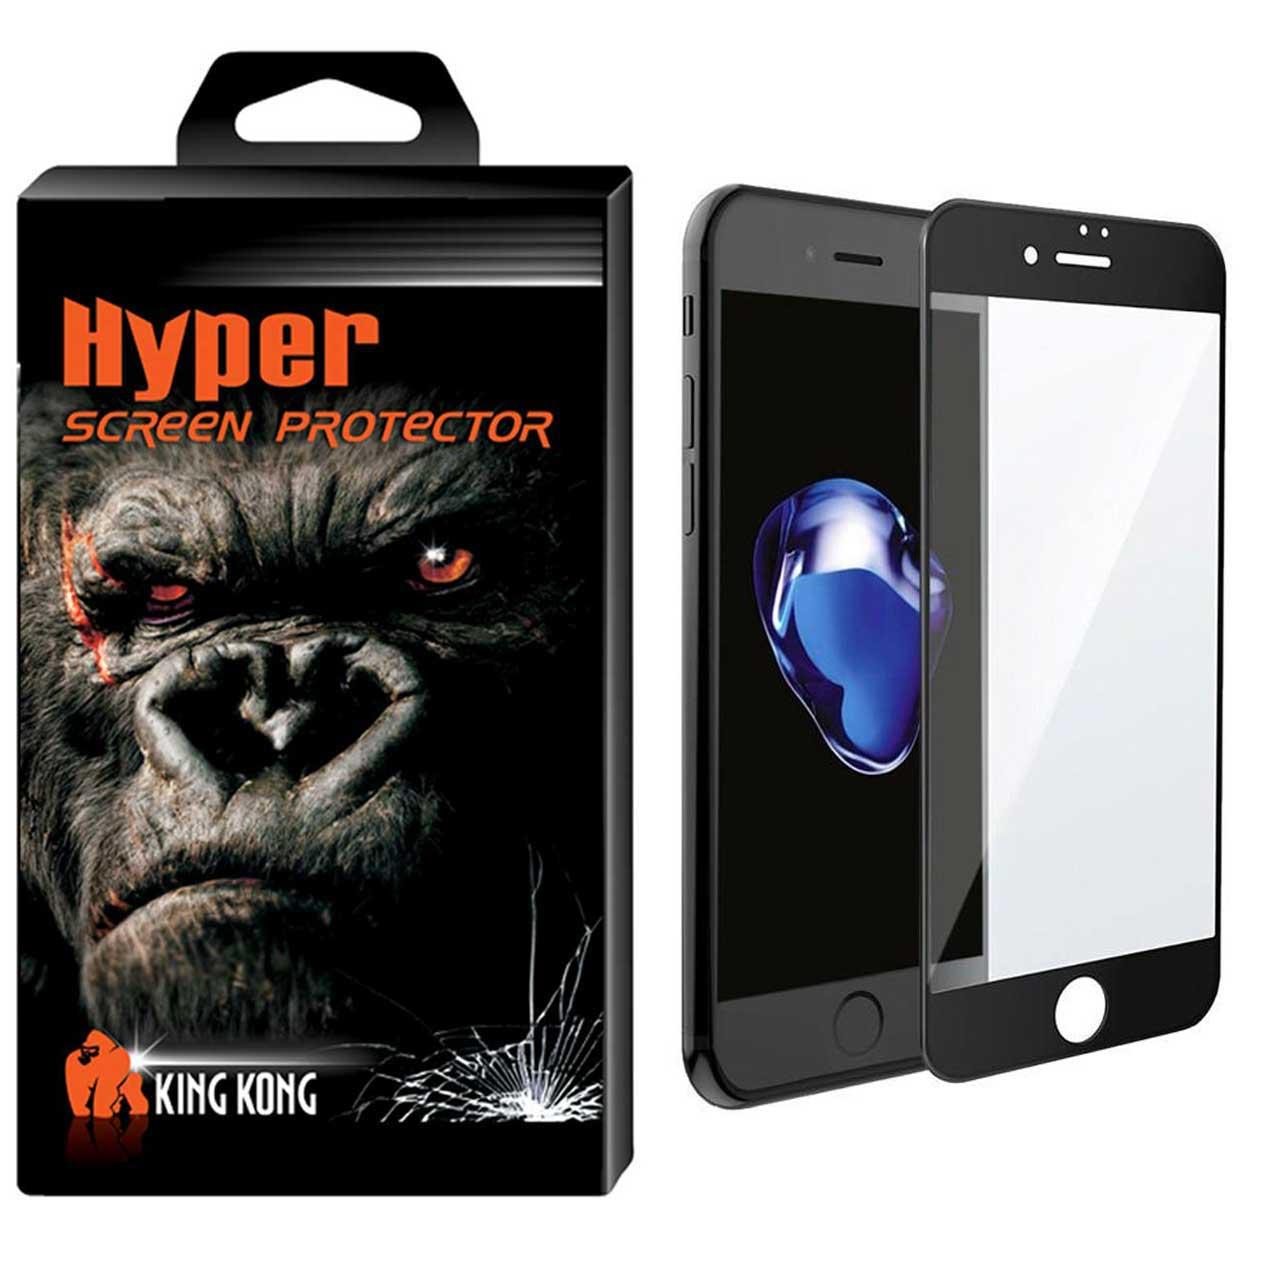 محافظ صفحه نمایش شیشه ای کینگ کونگ مدل 6D Hyper Fullcover مناسب برای گوشی اپل آیفون 6/6S